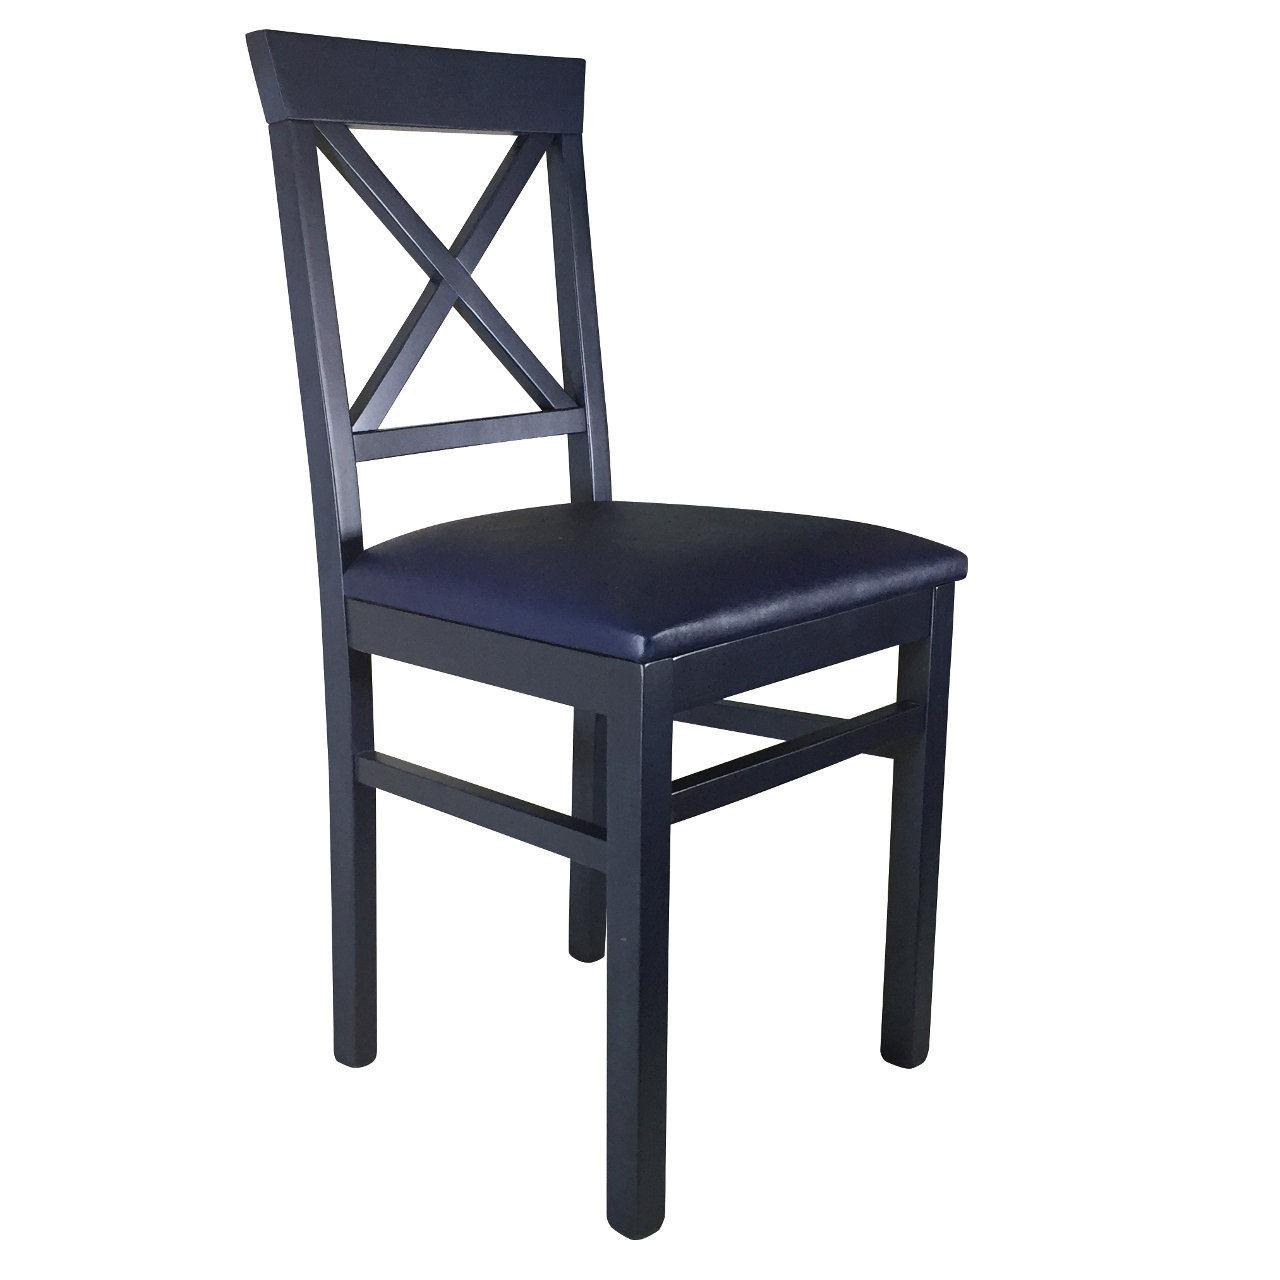 Regus side chair